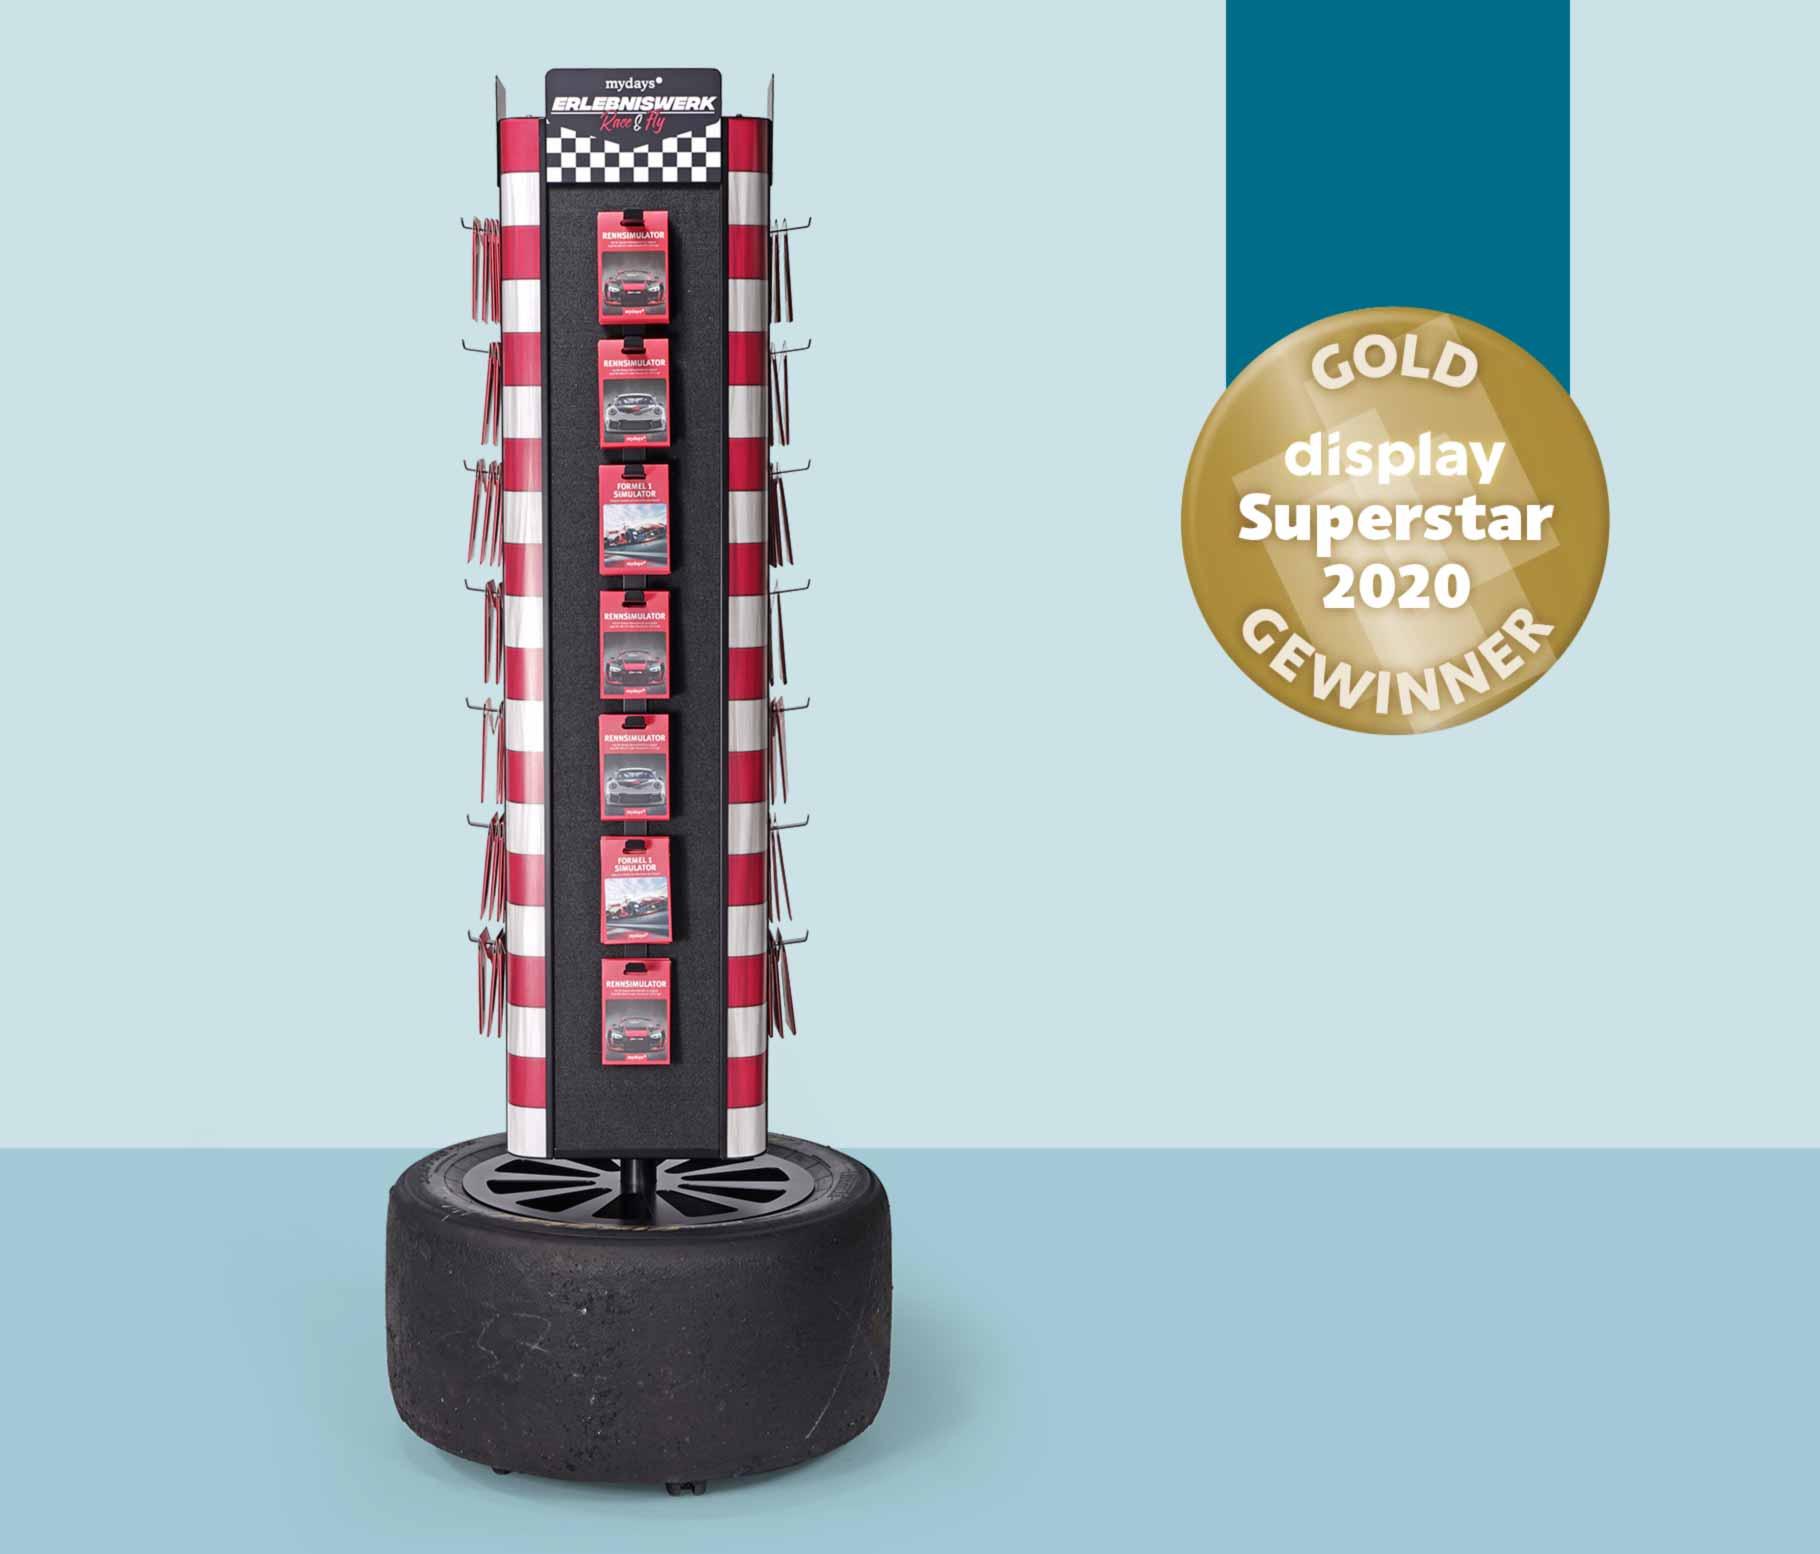 """2020: Geschenkkarten Display """"RACE"""" für die JOCHEN SCHWEIZER mydays Group wird der Superstar in Gold verliehen."""